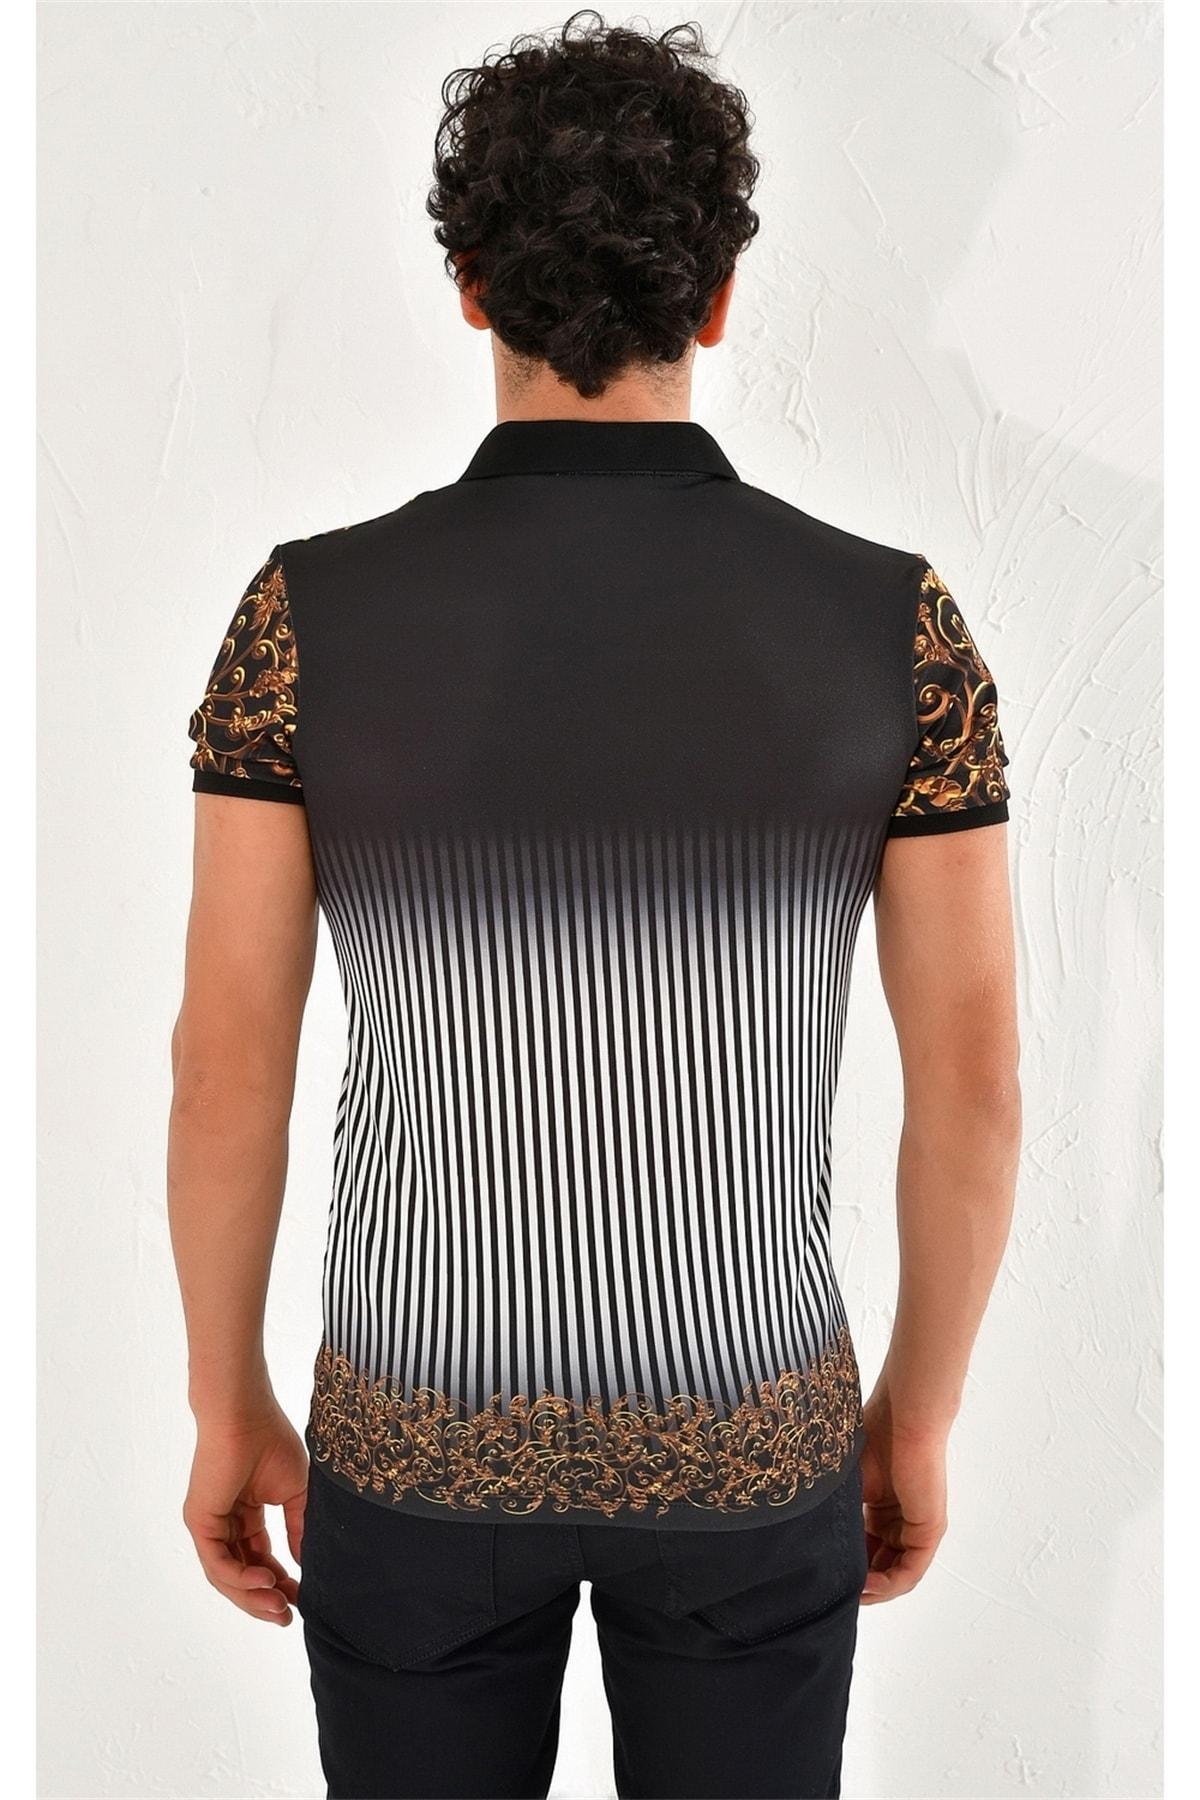 Efor Ts 757 Slim Fit Siyah Spor T-shirt